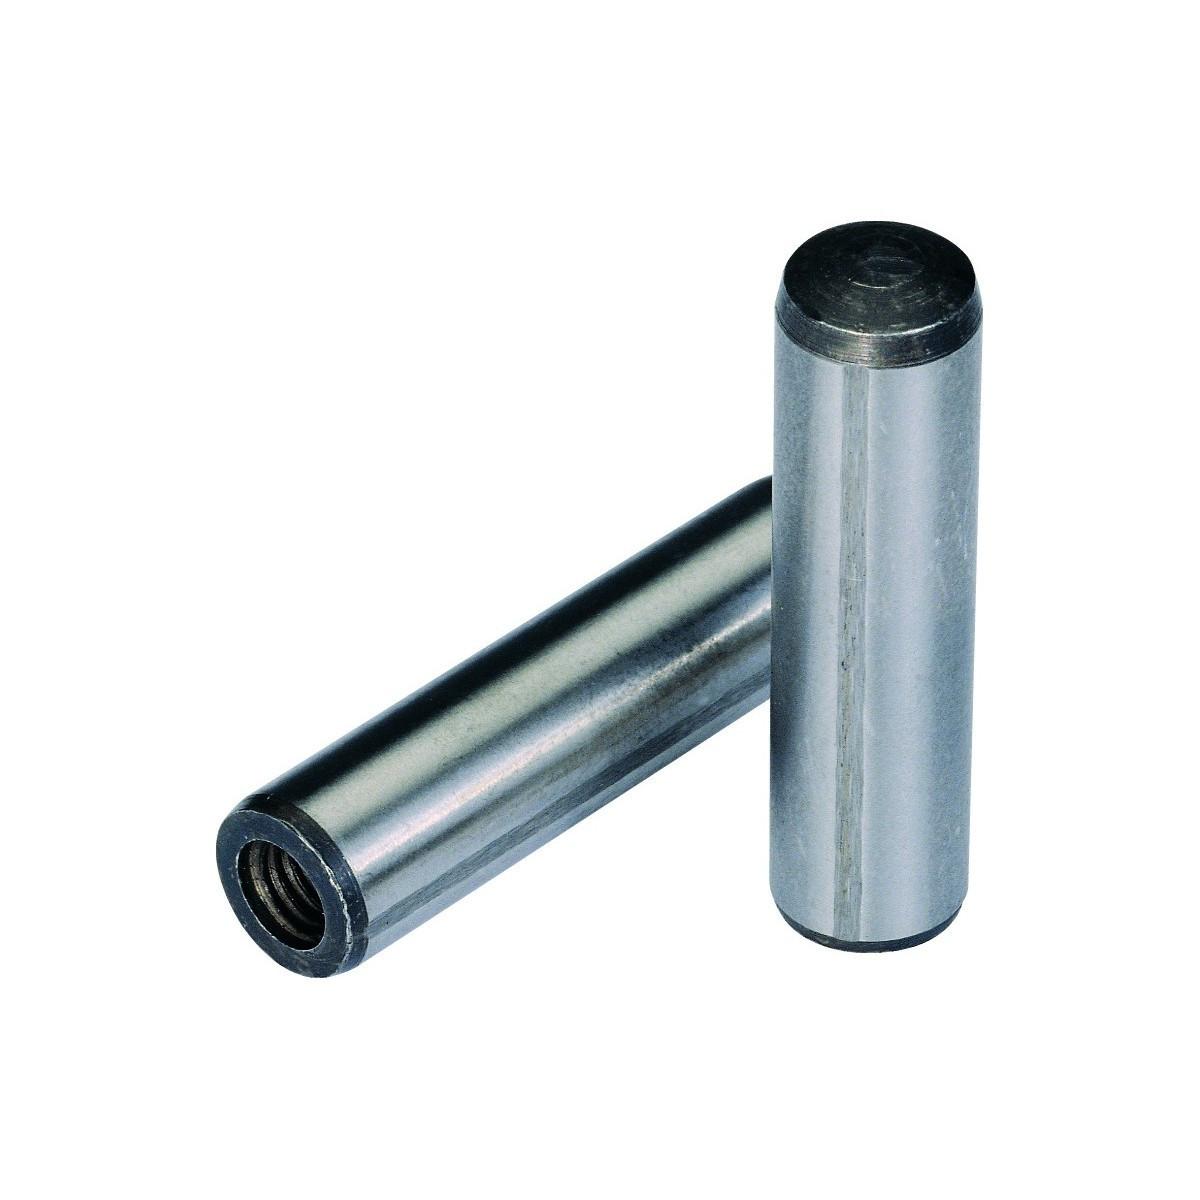 Штифт циліндричний MMG DIN 7979D M8 х 100 Клас 10.9 (Фосфат) 1 шт